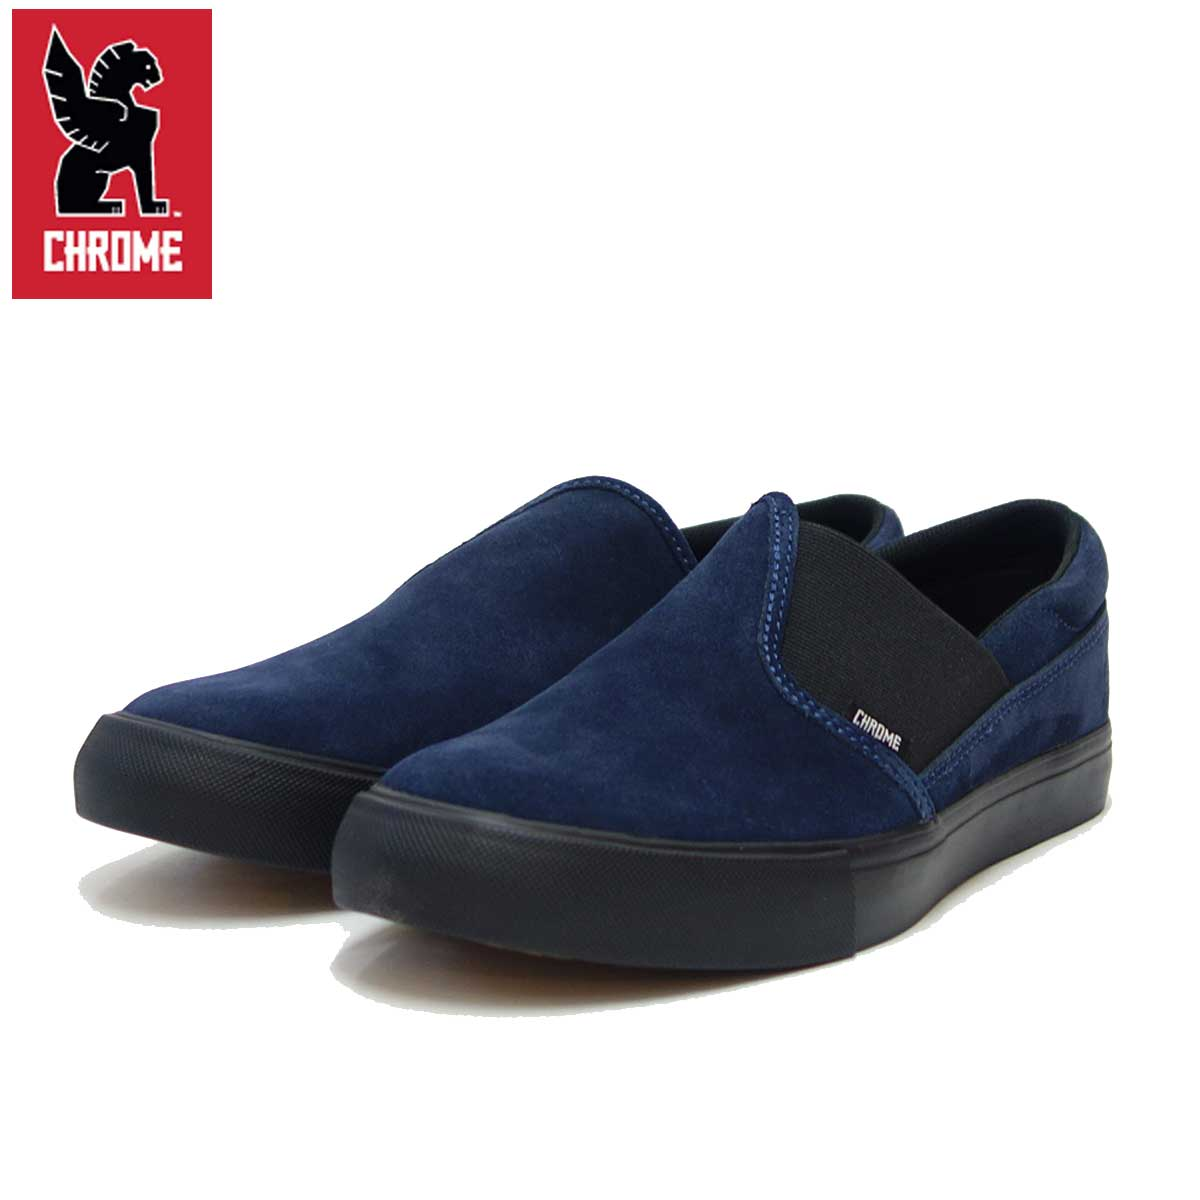 クローム CHROME DIMA 2.0 SUEDE(ディマ 2.0 スエード)ネイビー/ブラック (FW-169-NBSD) タフなアーバンスニーカー 「靴」